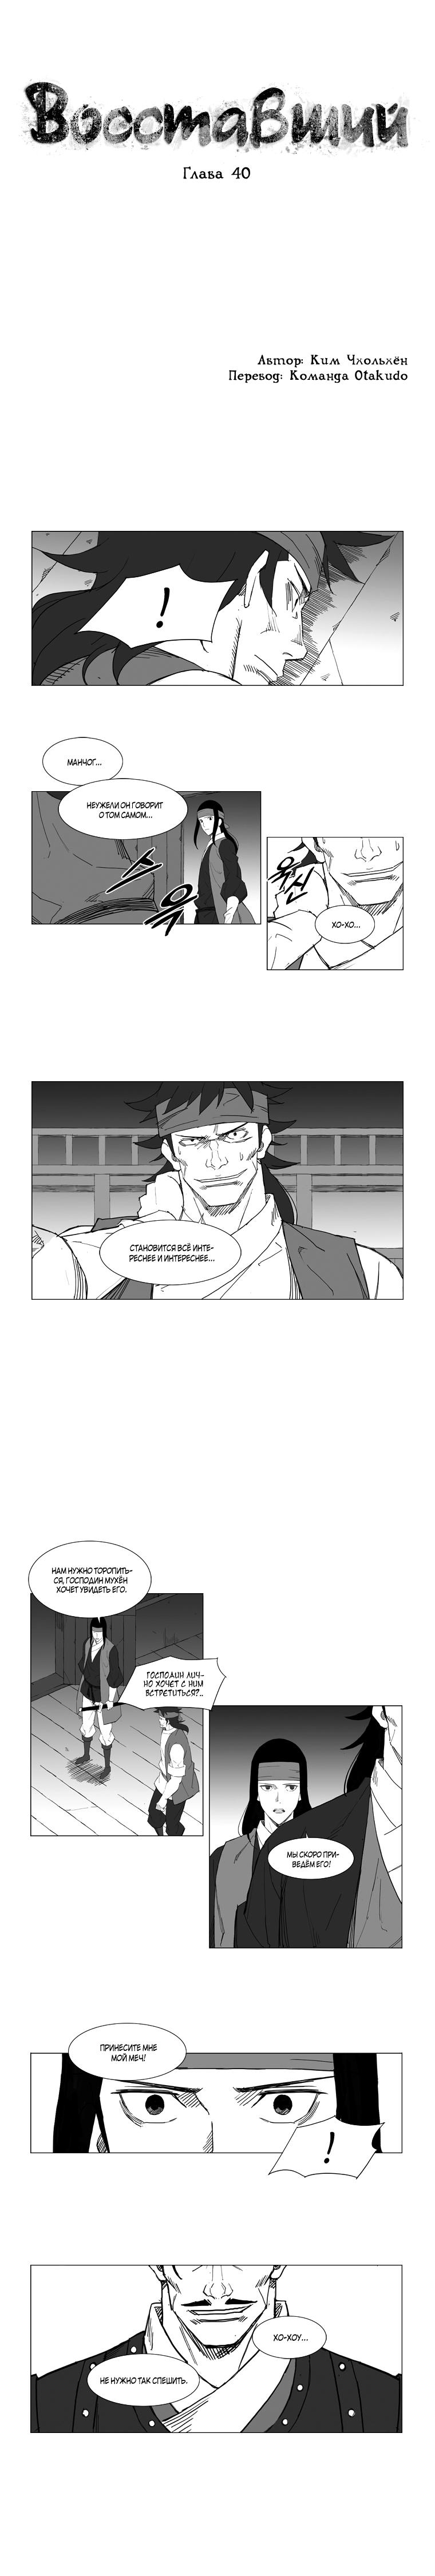 https://r1.ninemanga.com/comics/pic2/39/28263/317248/1485457545824.png Page 1